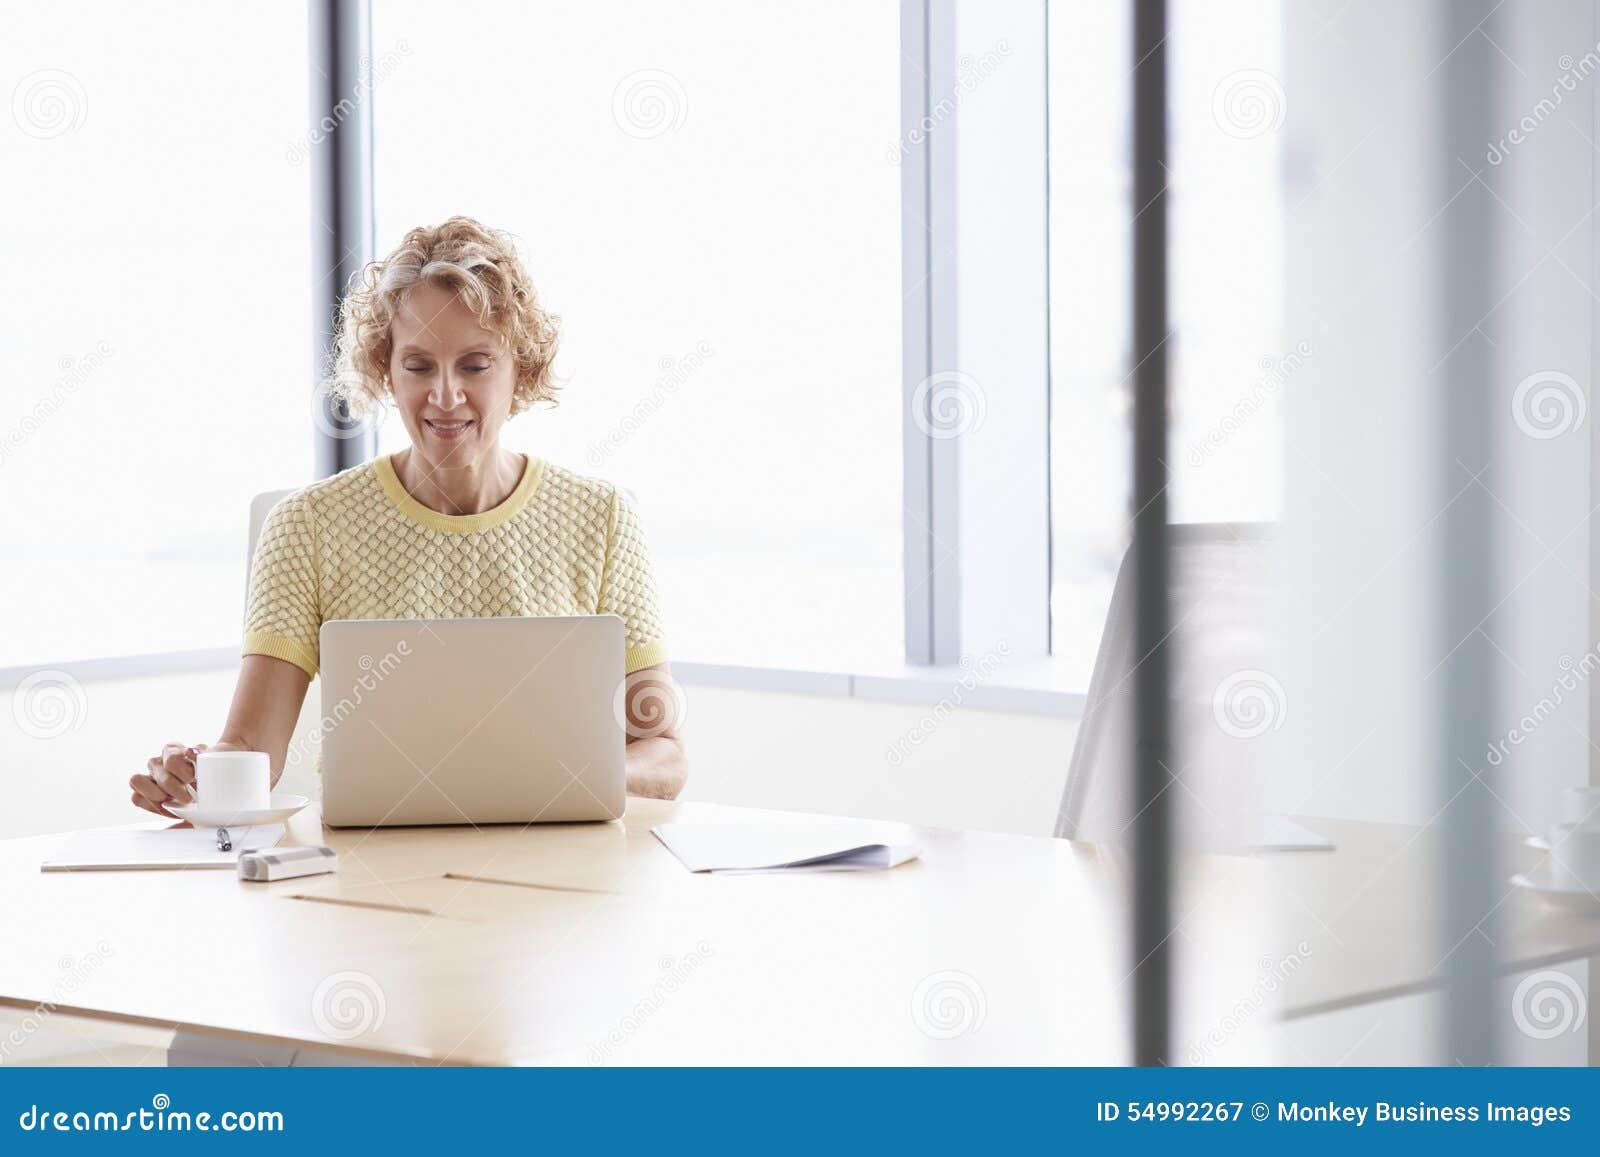 Hogere Onderneemster Working On Laptop bij Bestuurskamerlijst